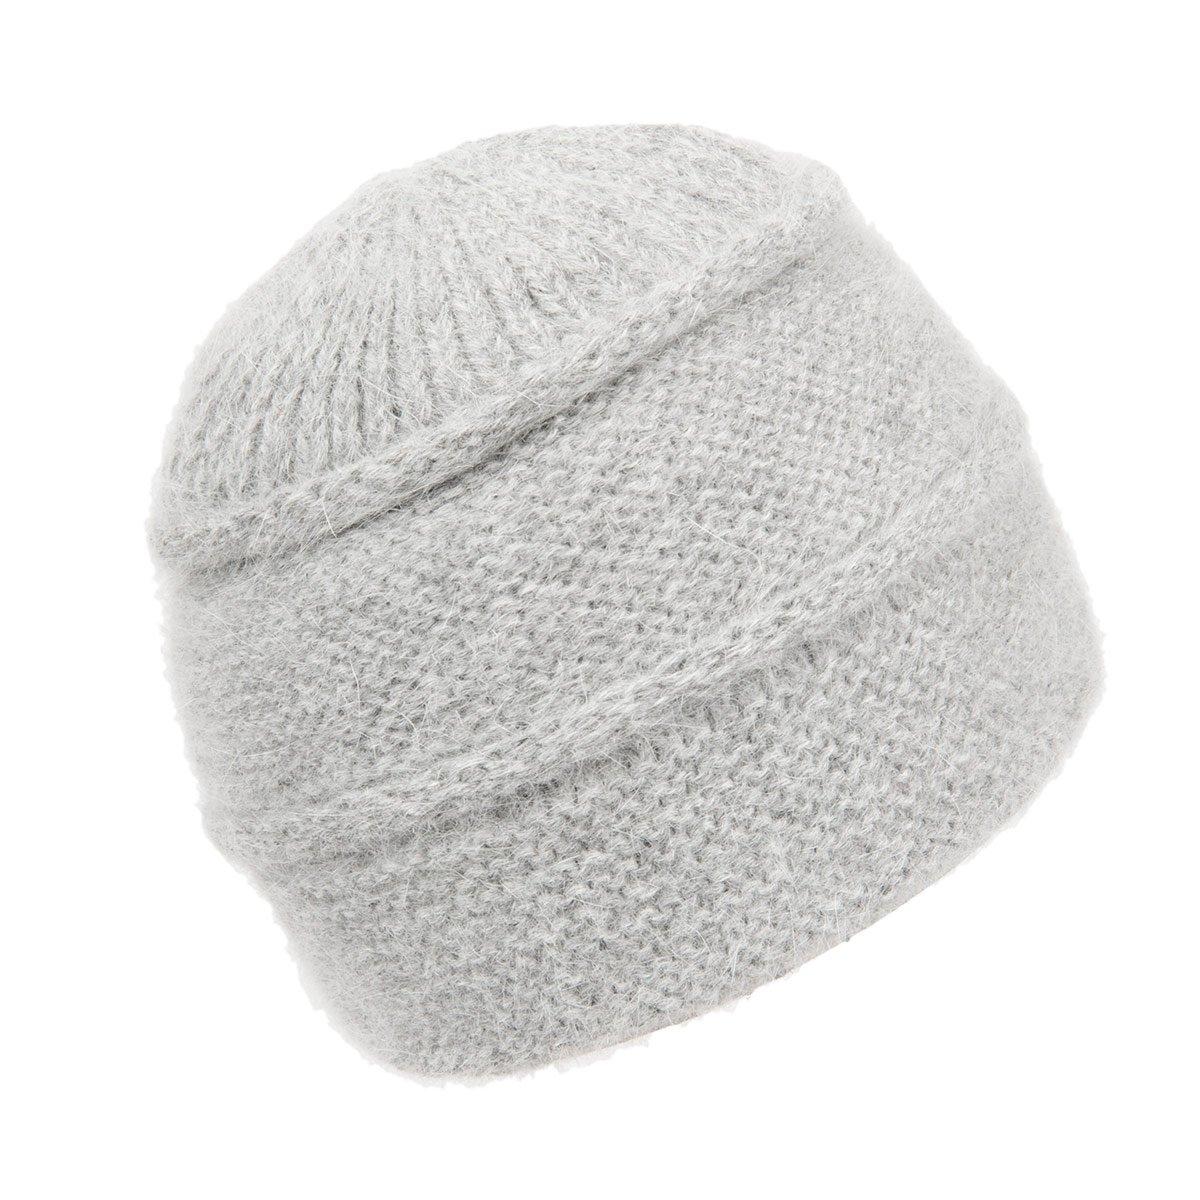 Morbido cappello lavorato a maglia con molta lana d  angora 45925123fc86